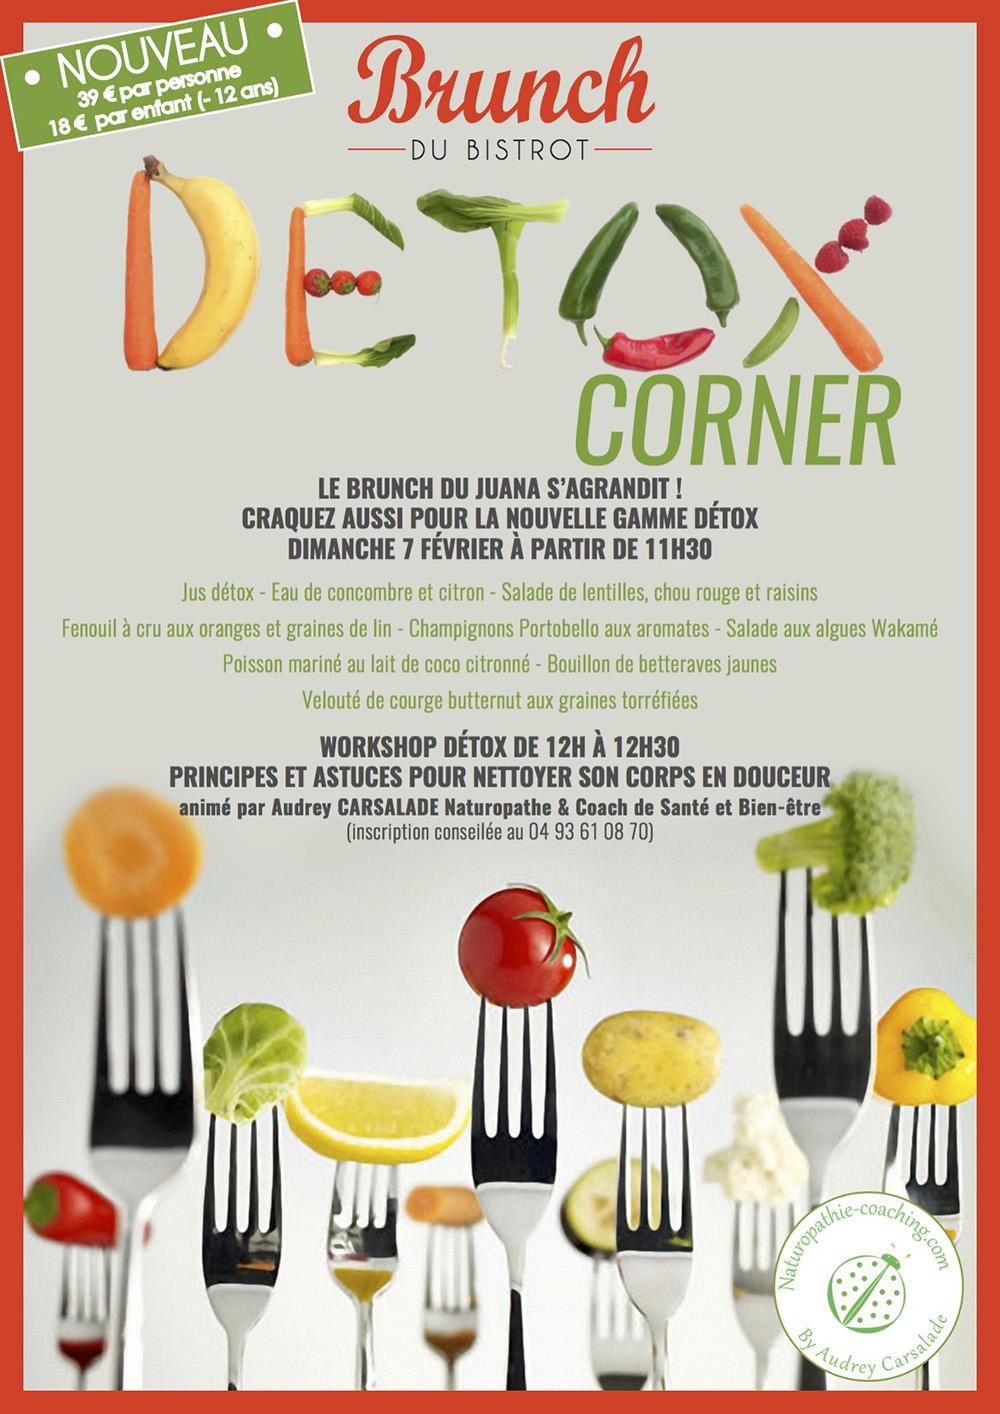 workshop-detox-dimanche-7-fevrier-a-12h00-au-juana-groupe-belles-rives-juan-les-pins